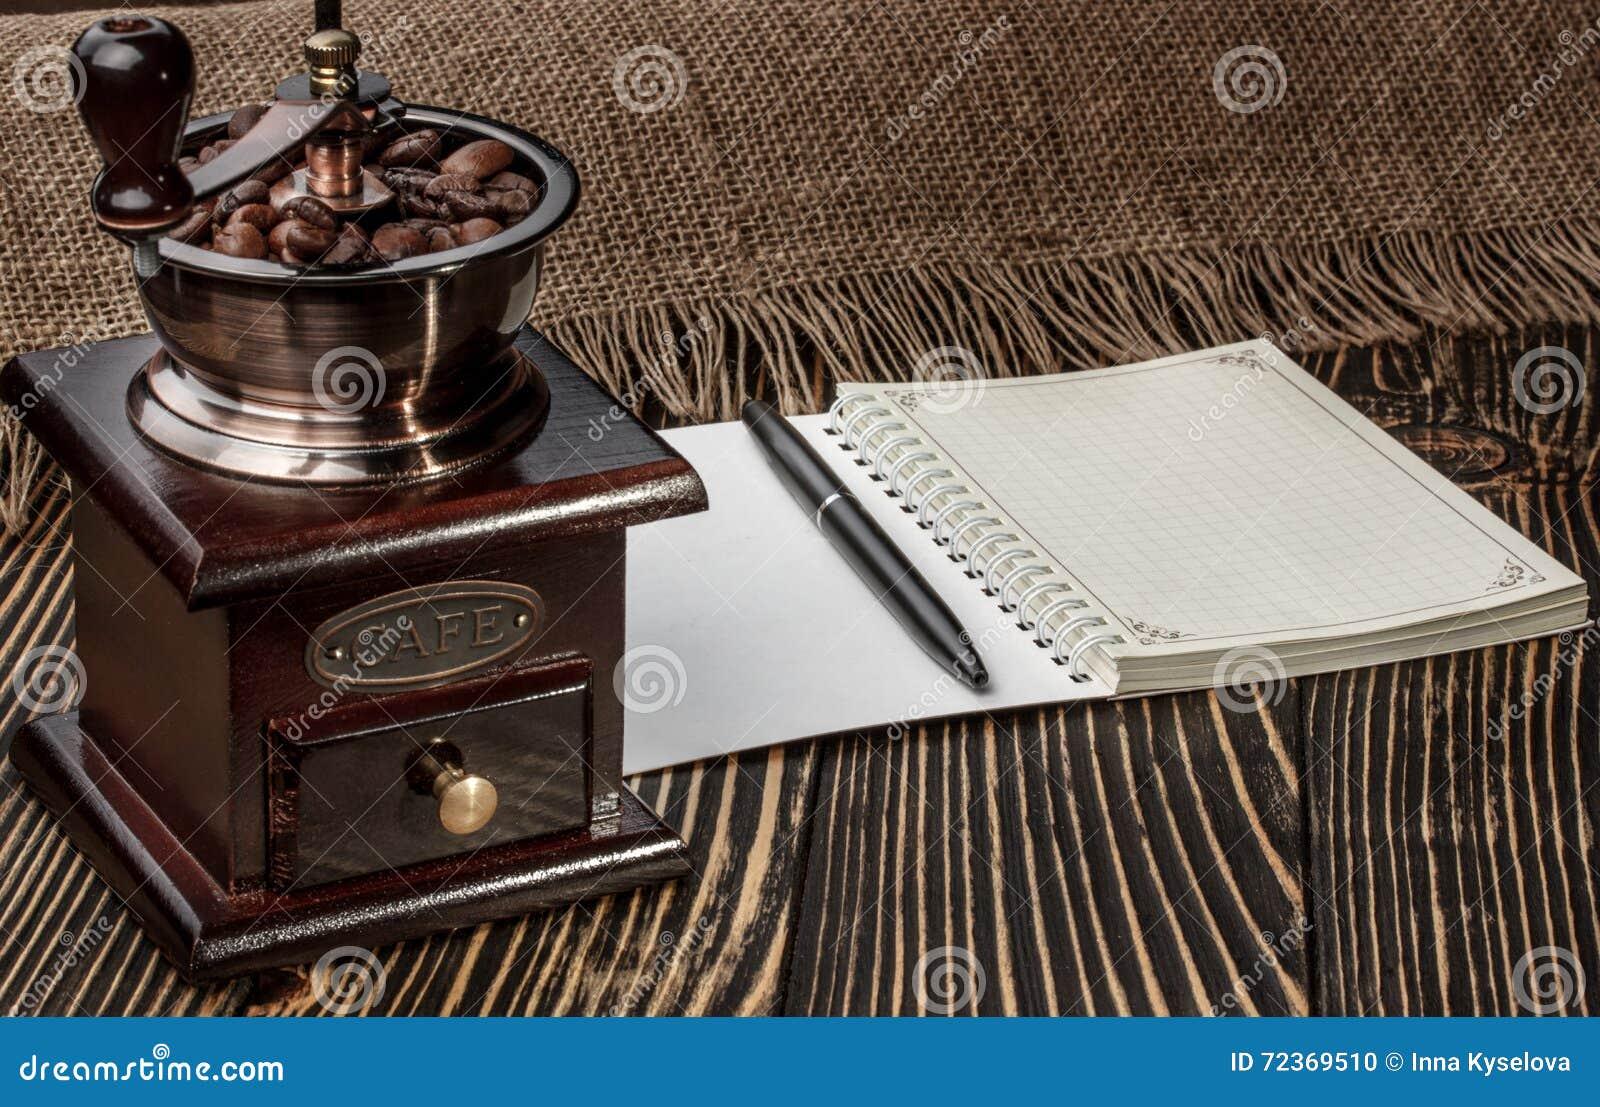 磨咖啡器和笔记本在老木书桌上